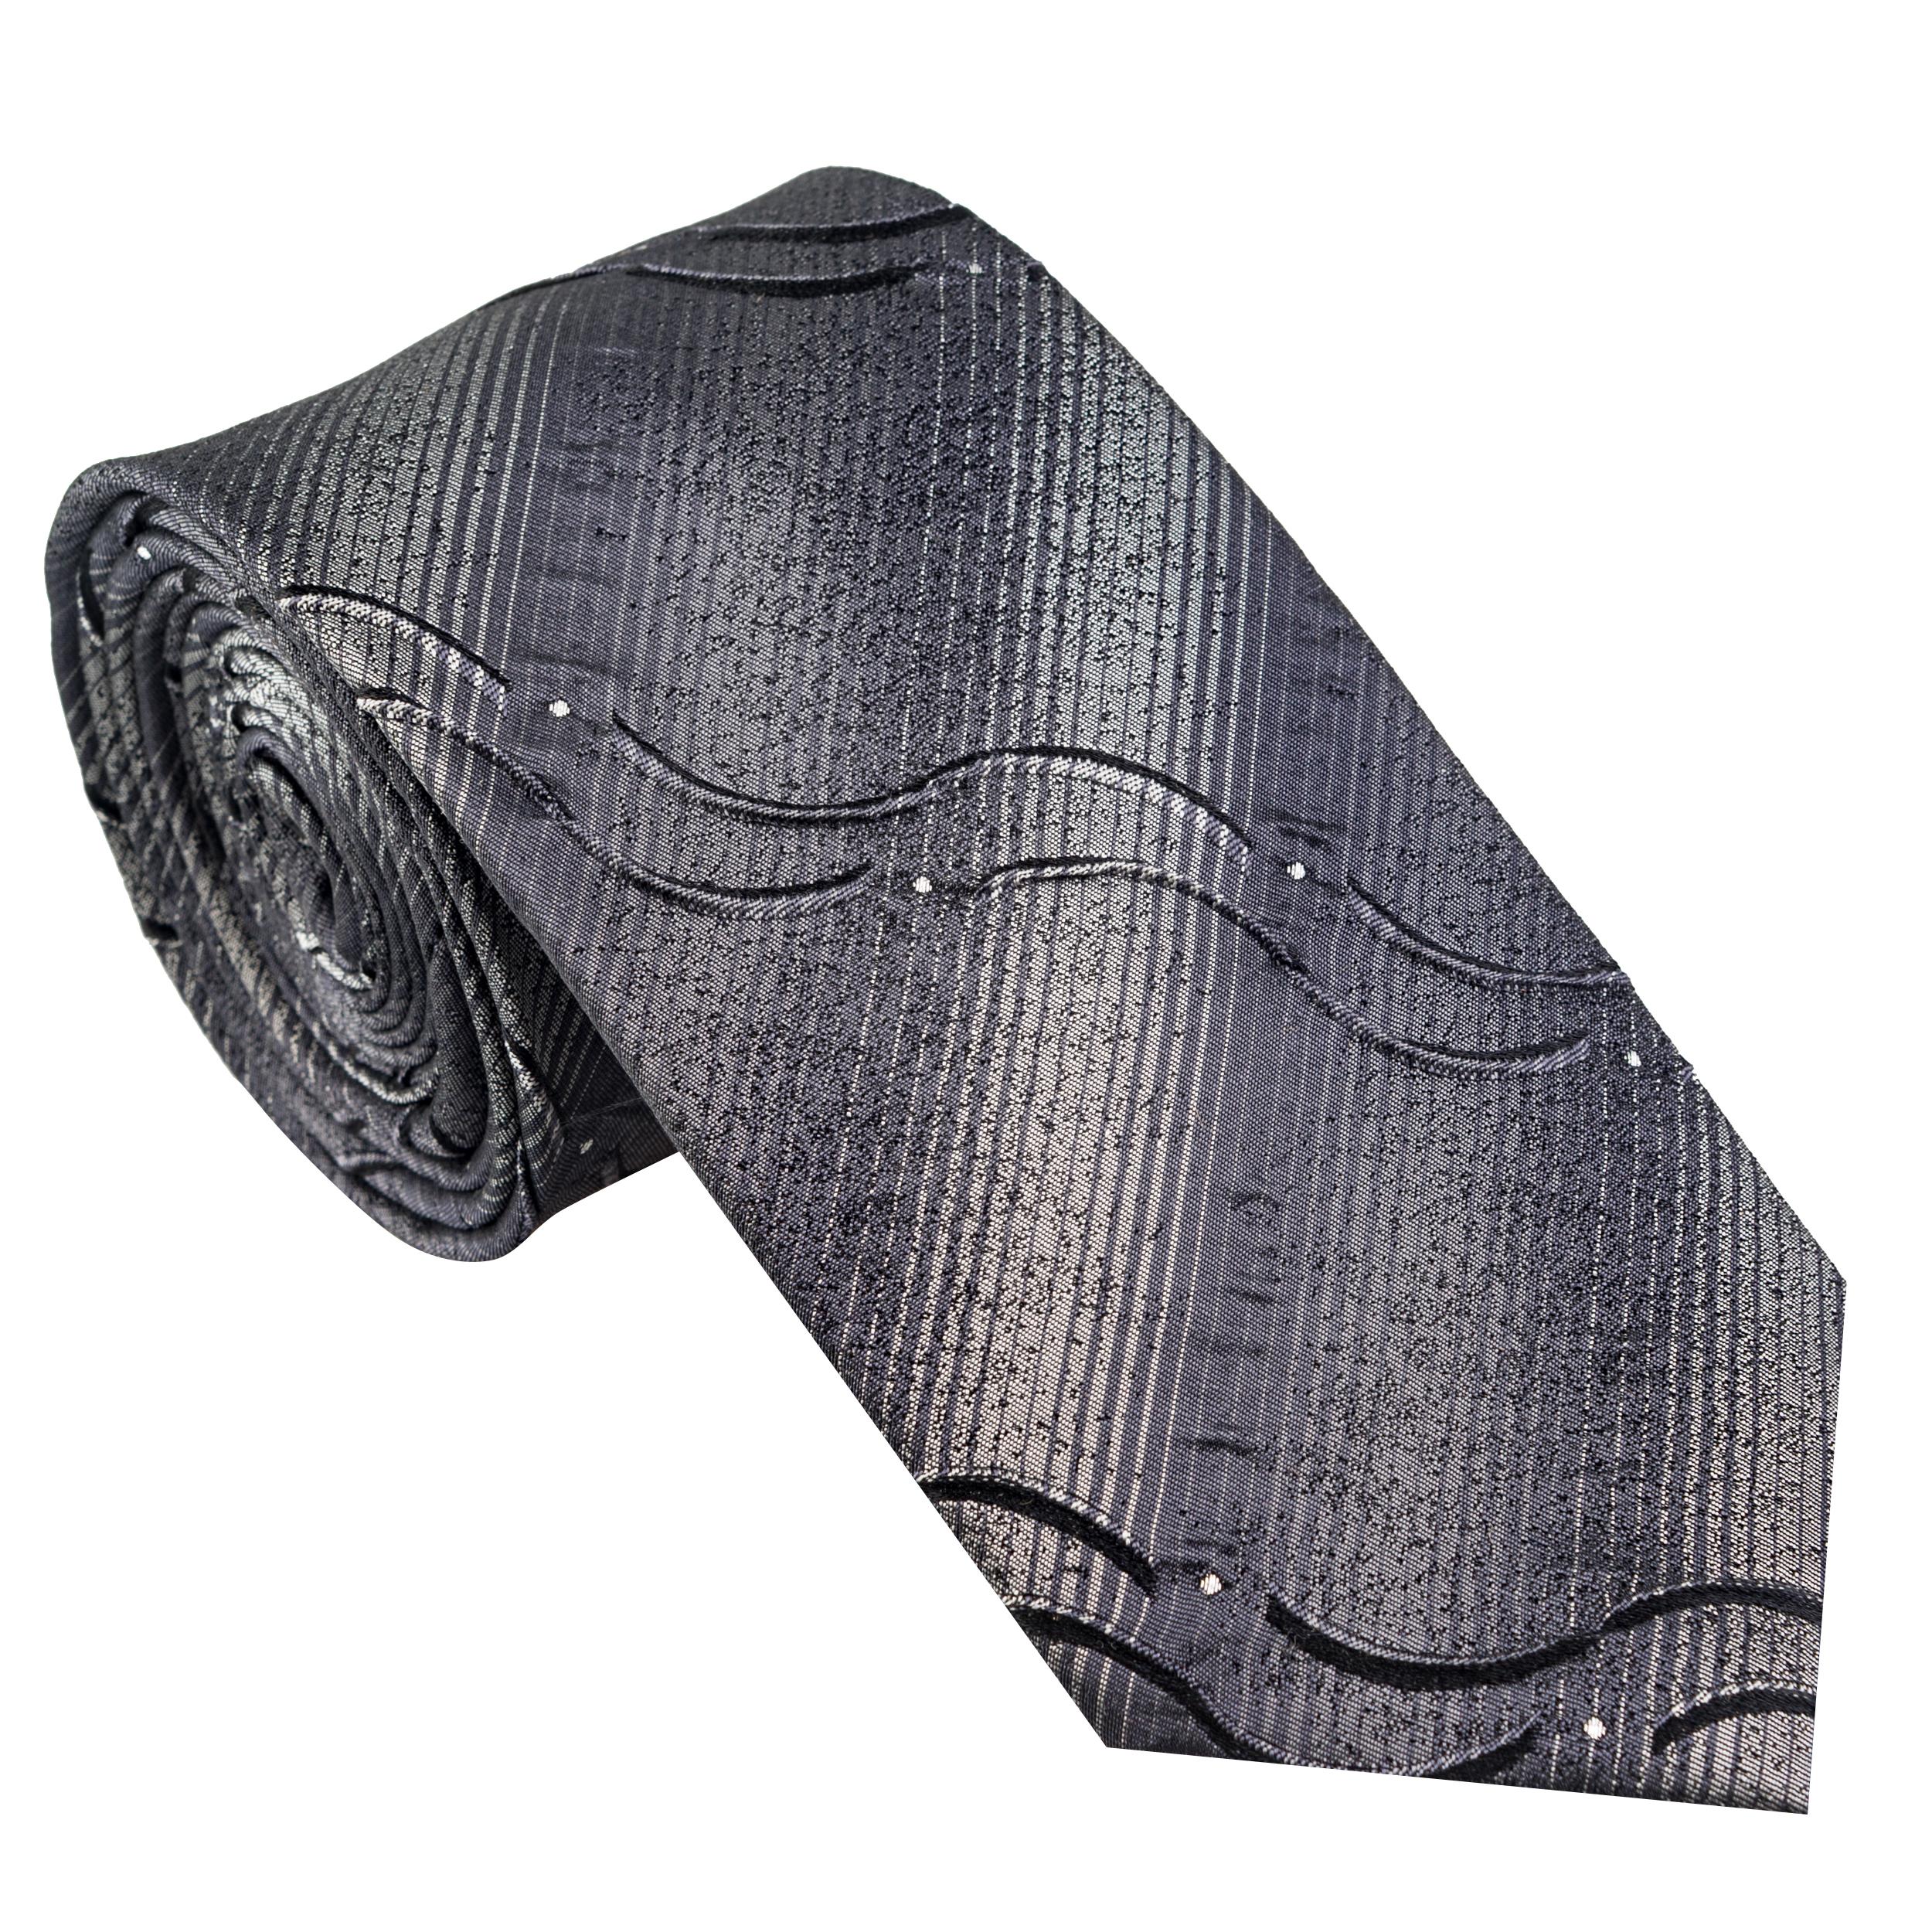 کراوات مردانه جیان فرانکو روسی مدل GF-CA517-GR